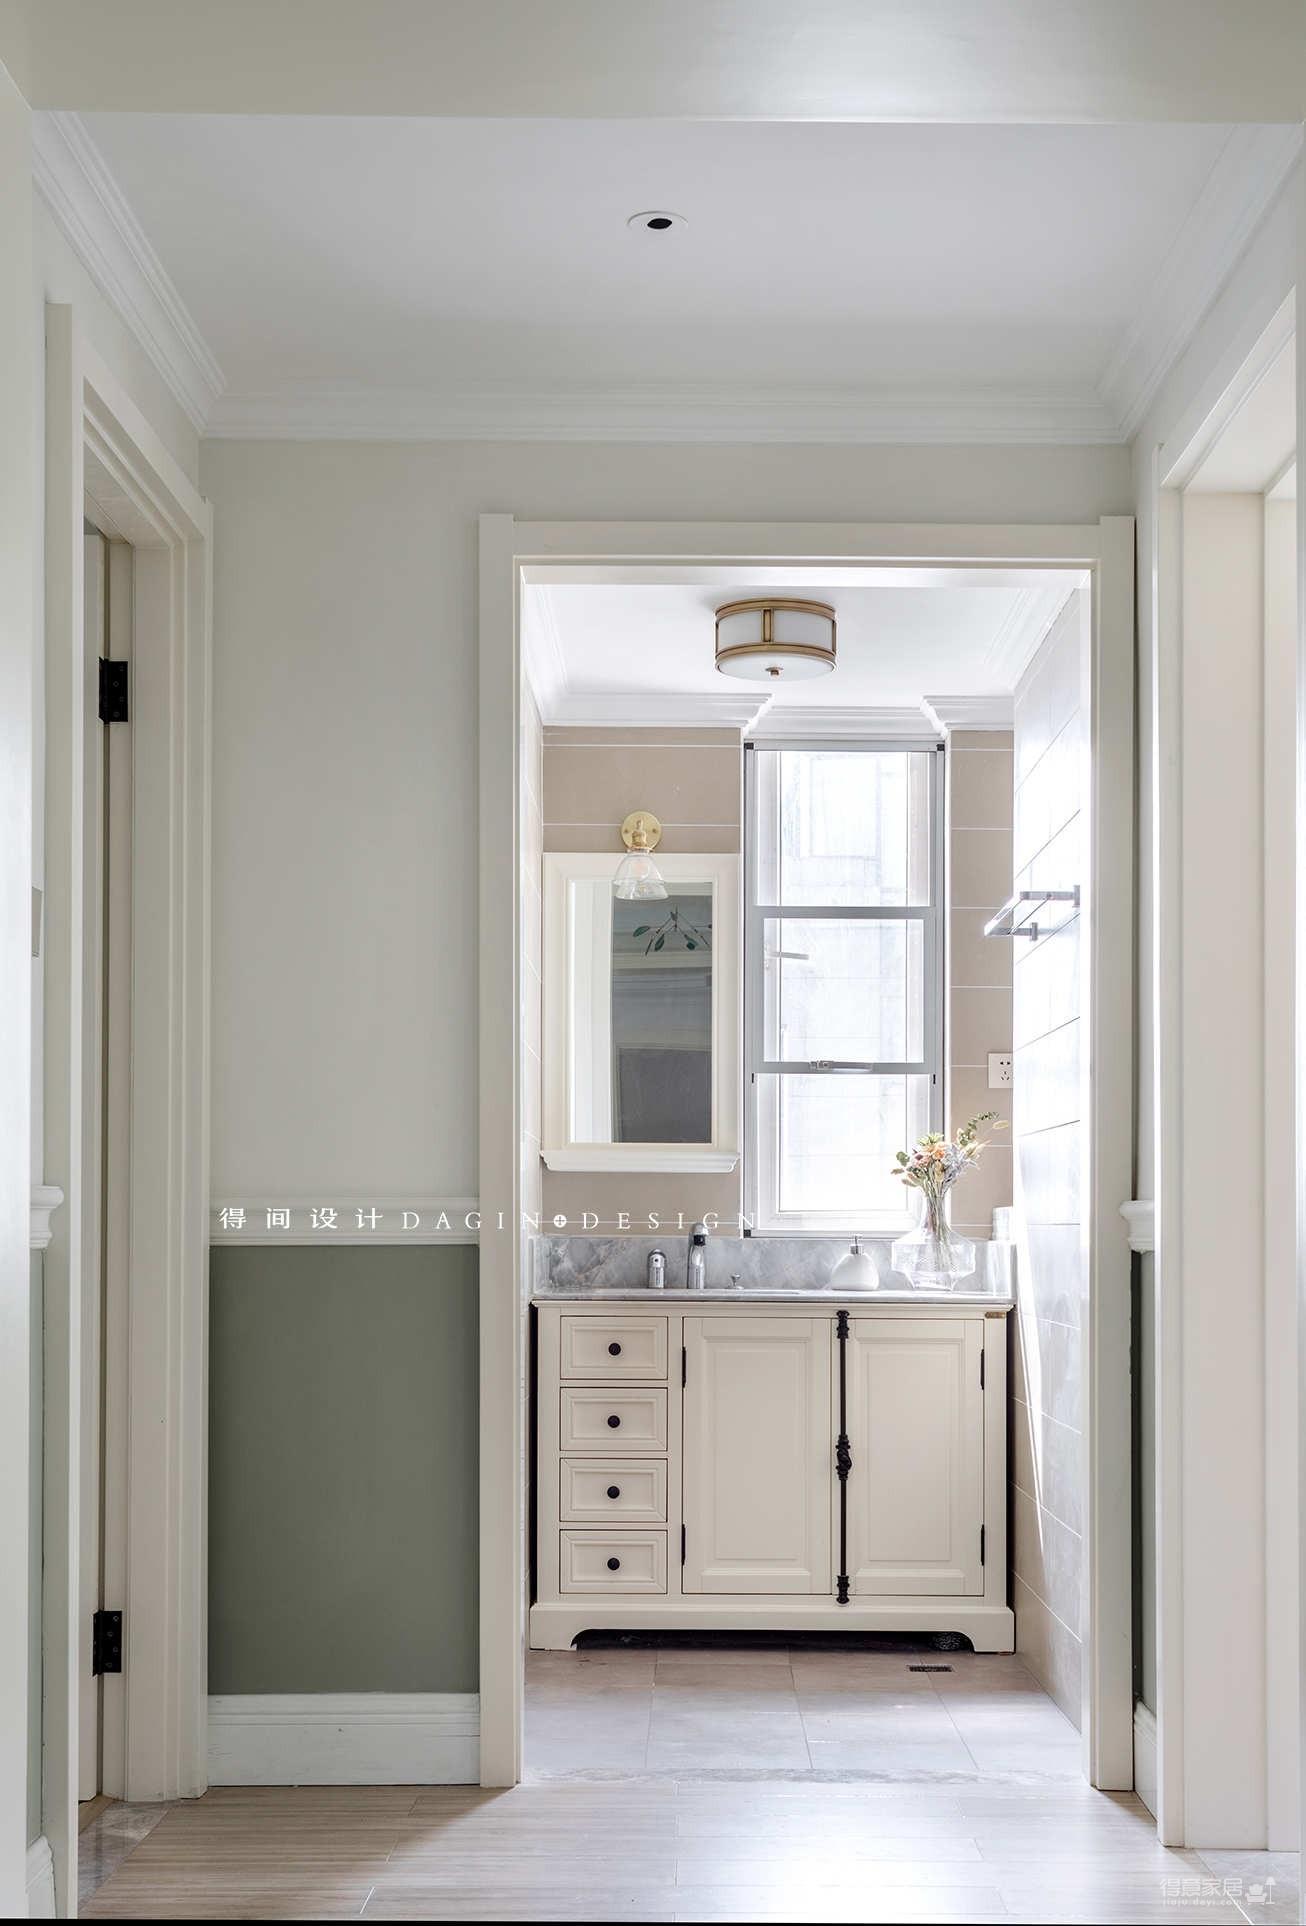 改入户迁楼梯,设计主卧套房,增加书房洗衣房,这家改造说不完